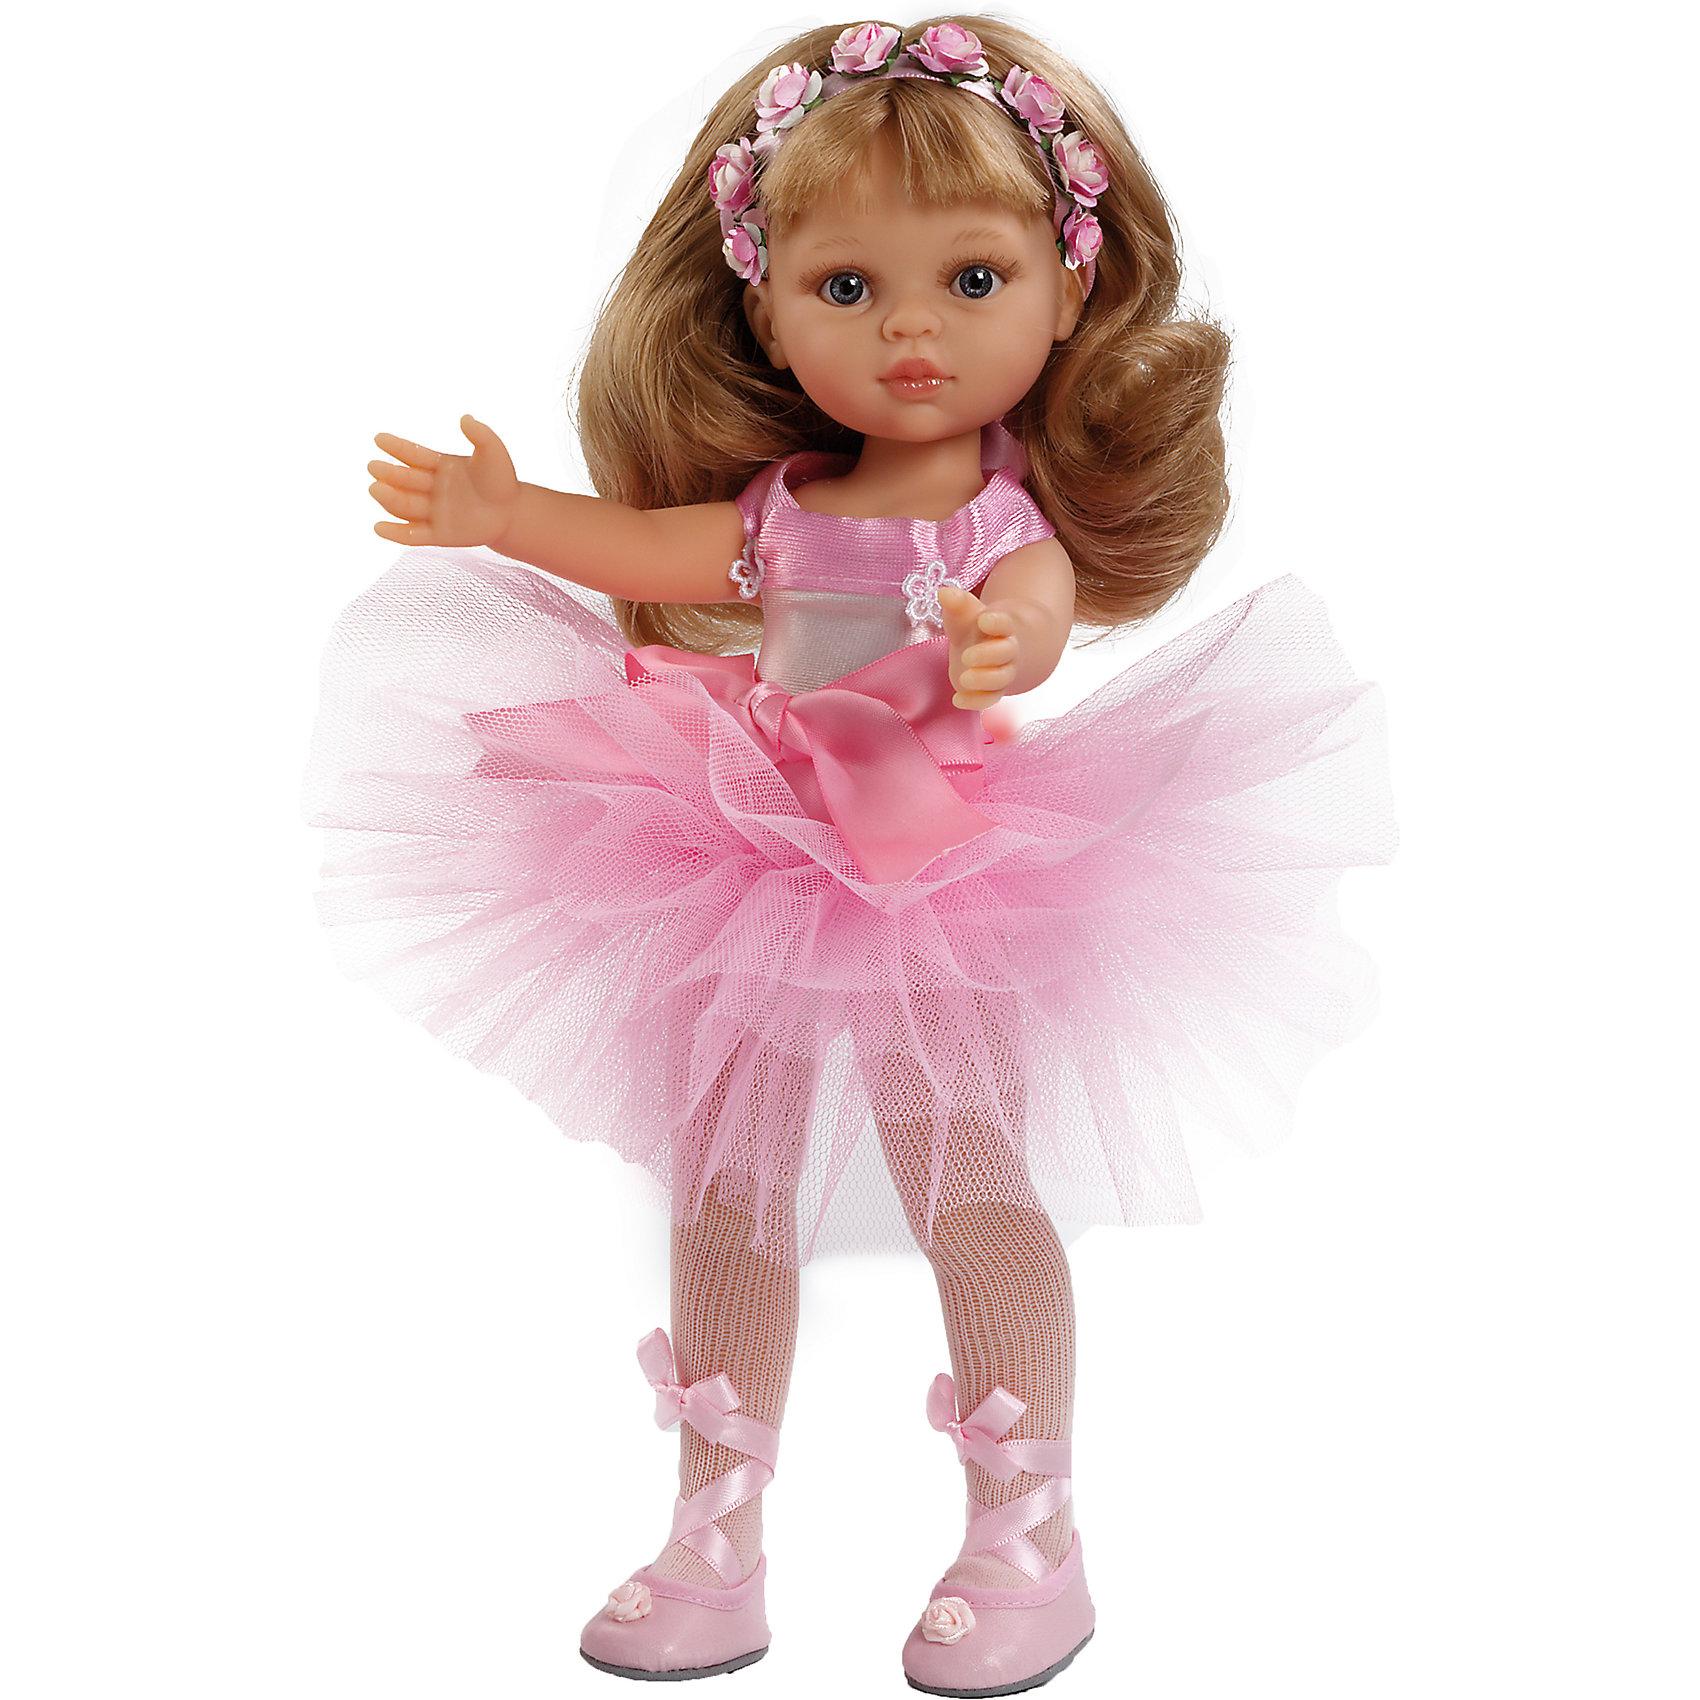 Кукла Карла балерина, 32см, Paola ReinaЭта очаровательная куколка приведет в восторг любую девочку! Малышка Карла обожает танцевать. Она одета в чудесное балетное платье, с пышной юбкой, и обтягивающим лифом, декорированным нежными бантами. На ногах - белые колготы и пуанты с атласными лентами. Голову куколки украшает лента украшенная прекрасными цветами. Длинные белокурые волосы куклы очень приятно расчесывать и создавать из них всевозможные прически. Куклы Паола Рейна имеют нежный ванильный аромат, одеты в модную одежду с аксессуарами. Выразительная мимика, уникальный и неповторимый дизайн лица и тела делают эти игрушки запоминающимися и уникальными. Куклы изготовлены из высококачественного винила, без вредных примесей, абсолютно безопасны для детей. <br><br>Дополнительная информация:<br><br>- Материалы: кукла изготовлена из винила; глаза выполнены в виде кристалла из прозрачного твердого пластика; волосы сделаны из высококачественного нейлона, одежда - текстиль.<br>- Размер: 32 см.<br>- Комплектация: кукла в одежде и обуви. <br>- Голова, ручки, ножки куклы подвижные.<br>- Глаза не закрываются.<br><br>Куклу Карлу балерину, 32 см, Paola Reina (Паола Рейна), можно купить в нашем магазине.<br><br>Ширина мм: 110<br>Глубина мм: 230<br>Высота мм: 410<br>Вес г: 667<br>Возраст от месяцев: 36<br>Возраст до месяцев: 144<br>Пол: Женский<br>Возраст: Детский<br>SKU: 4420318